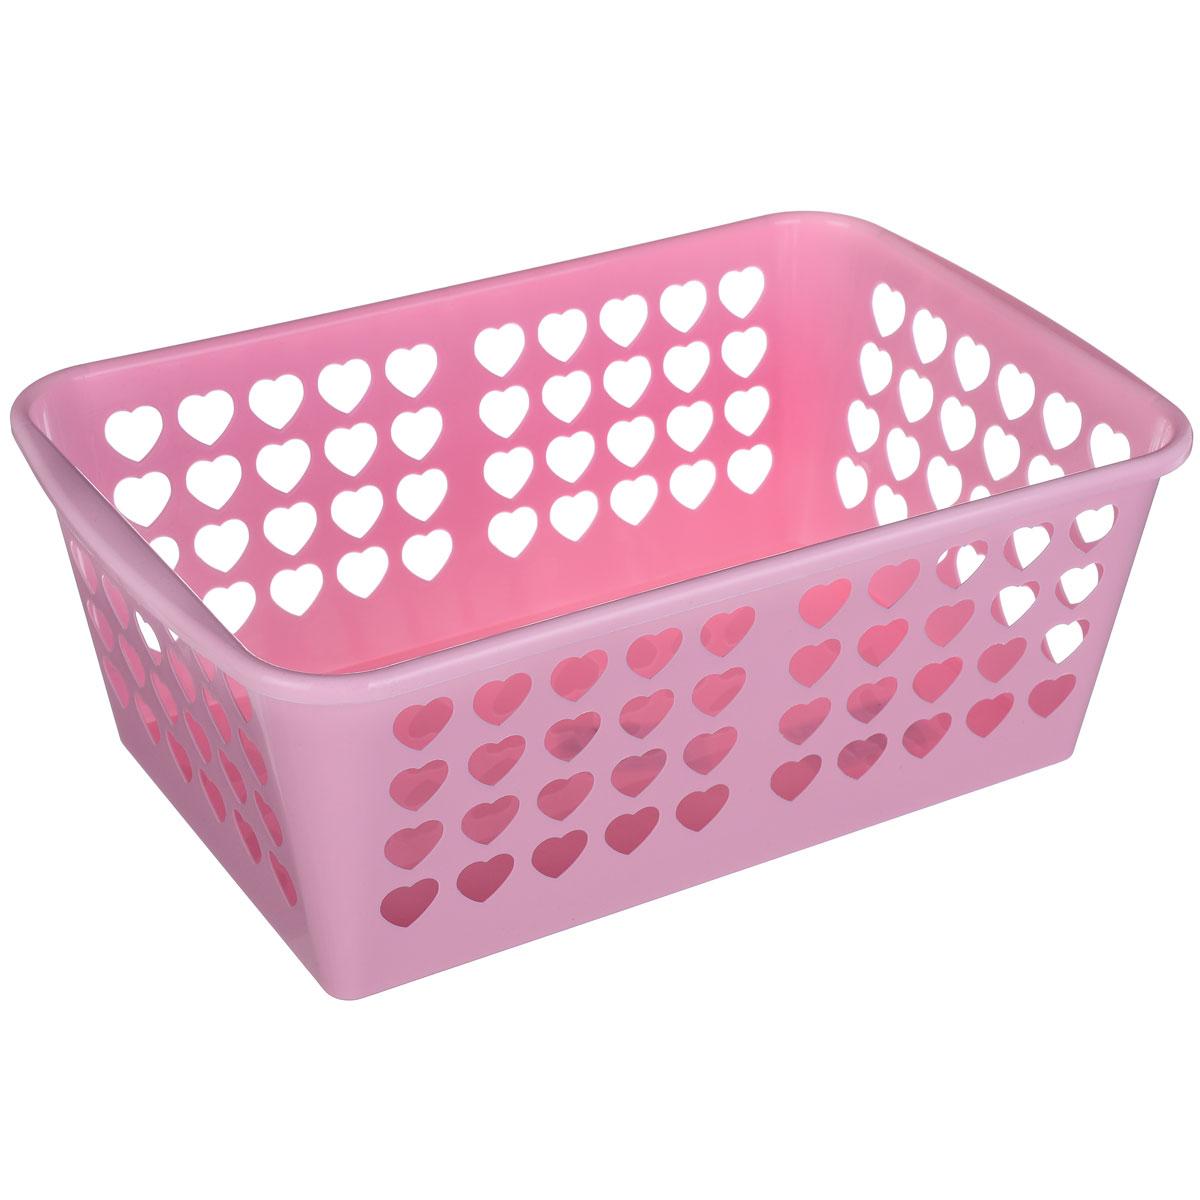 Корзина Альтернатива Вдохновение, цвет: розовый, 30 см х 20 см х 11,5 смTD 0033Корзина Альтернатива Вдохновение выполнена из пластика и оформлена перфорацией в виде сердечек. Изделие имеет сплошное дно и жесткую кромку. Корзина предназначена для хранения мелочей в ванной, на кухне, на даче или в гараже. Позволяет хранить мелкие вещи, исключая возможность их потери.